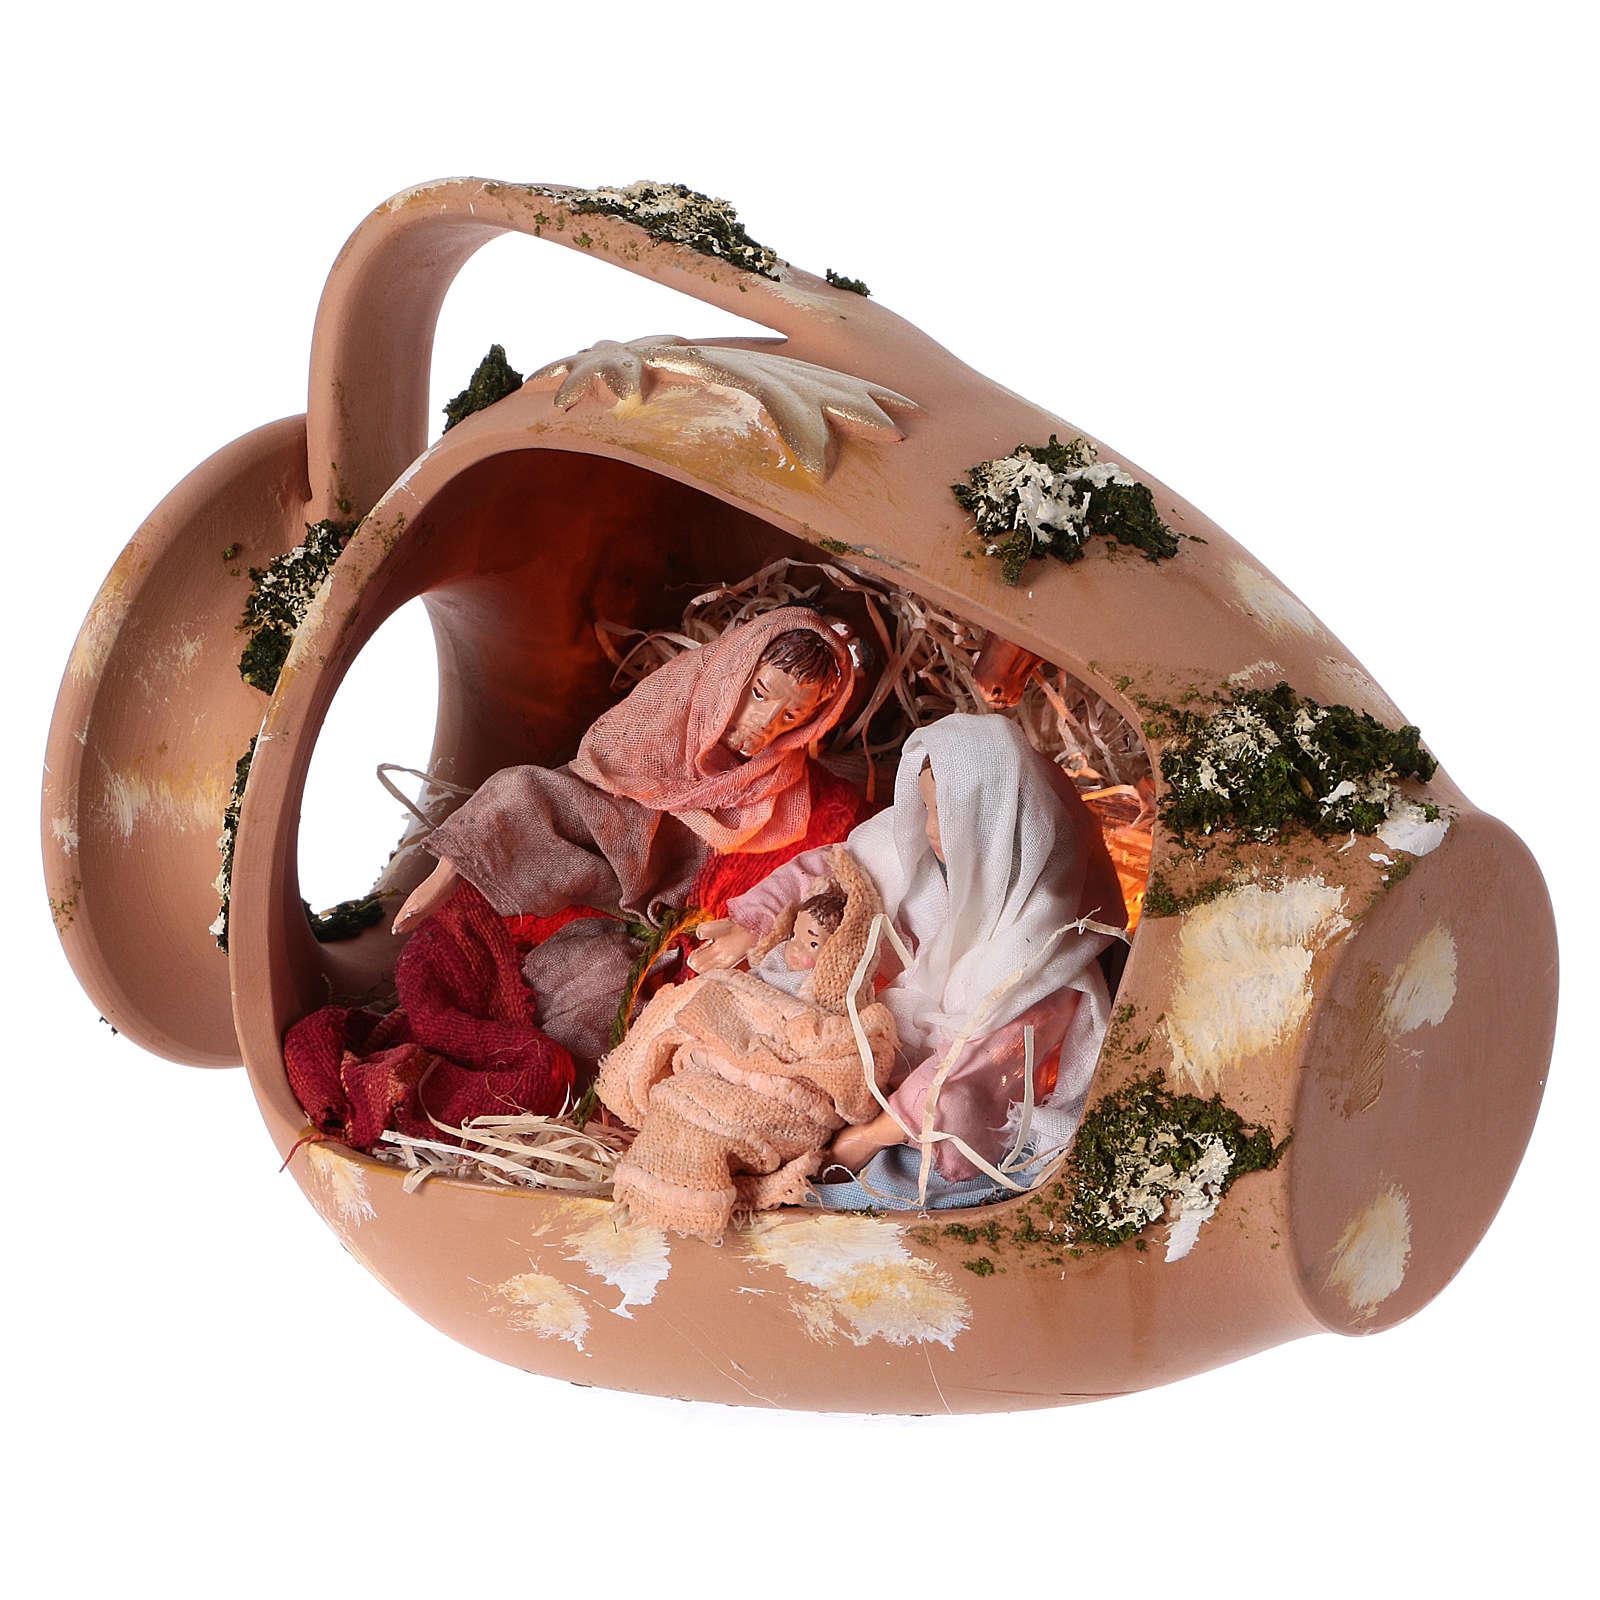 Ánfora con Natividad terracota Deruta 30cm 4